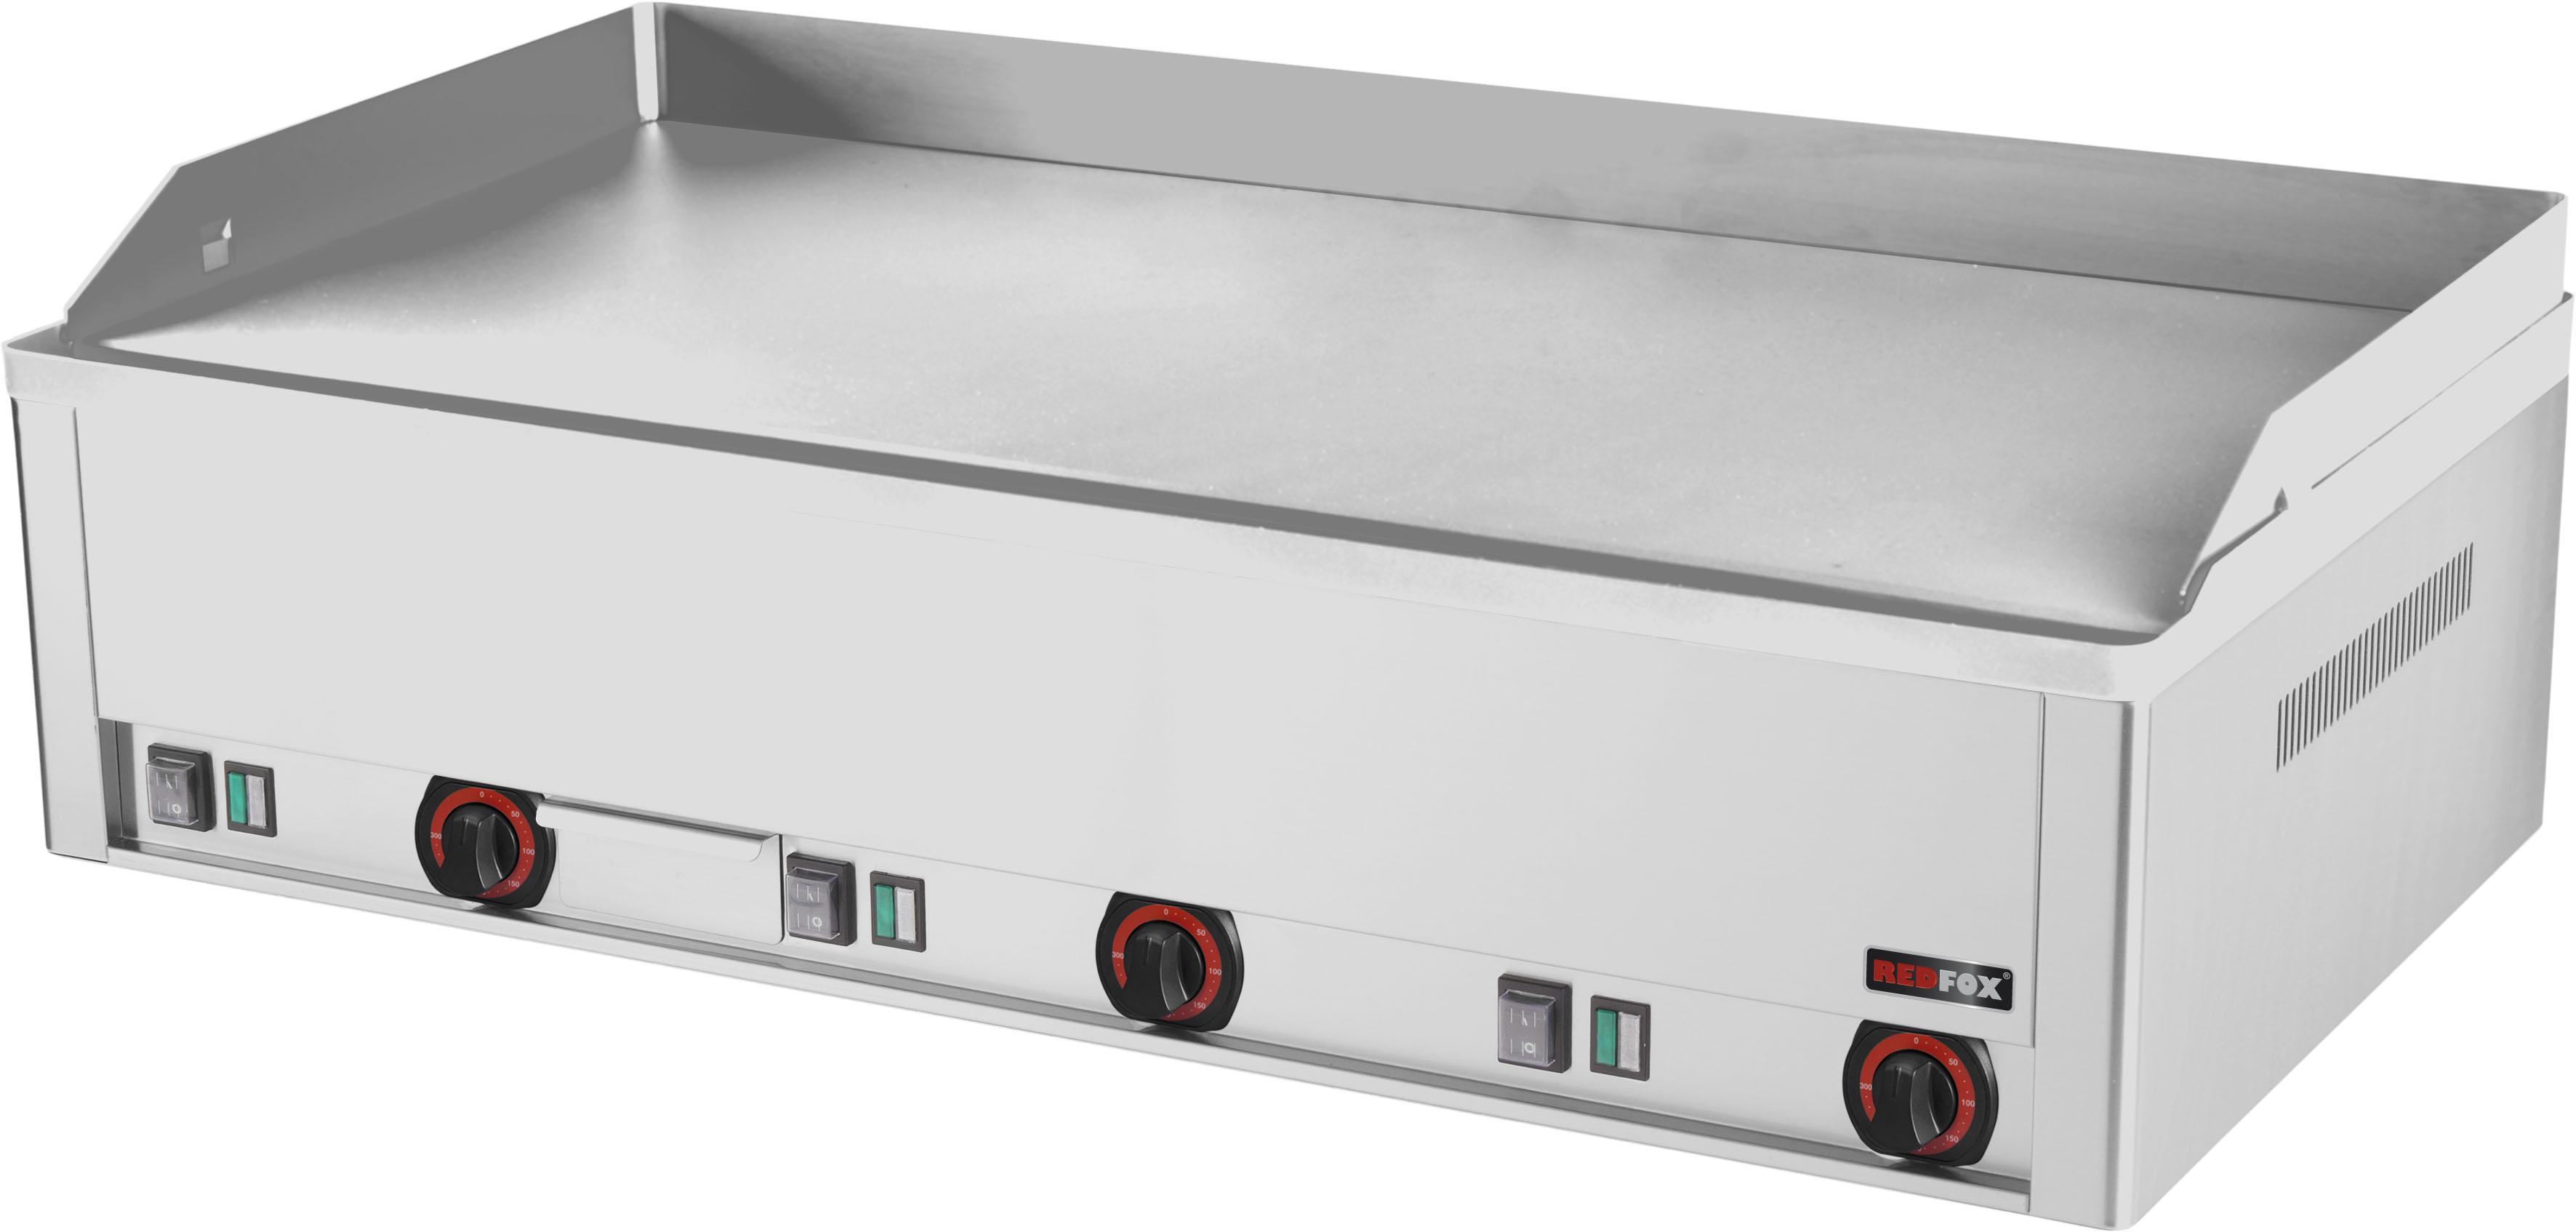 Deska grilovací elektrická FTHC 90 E hladká chrom RedFox